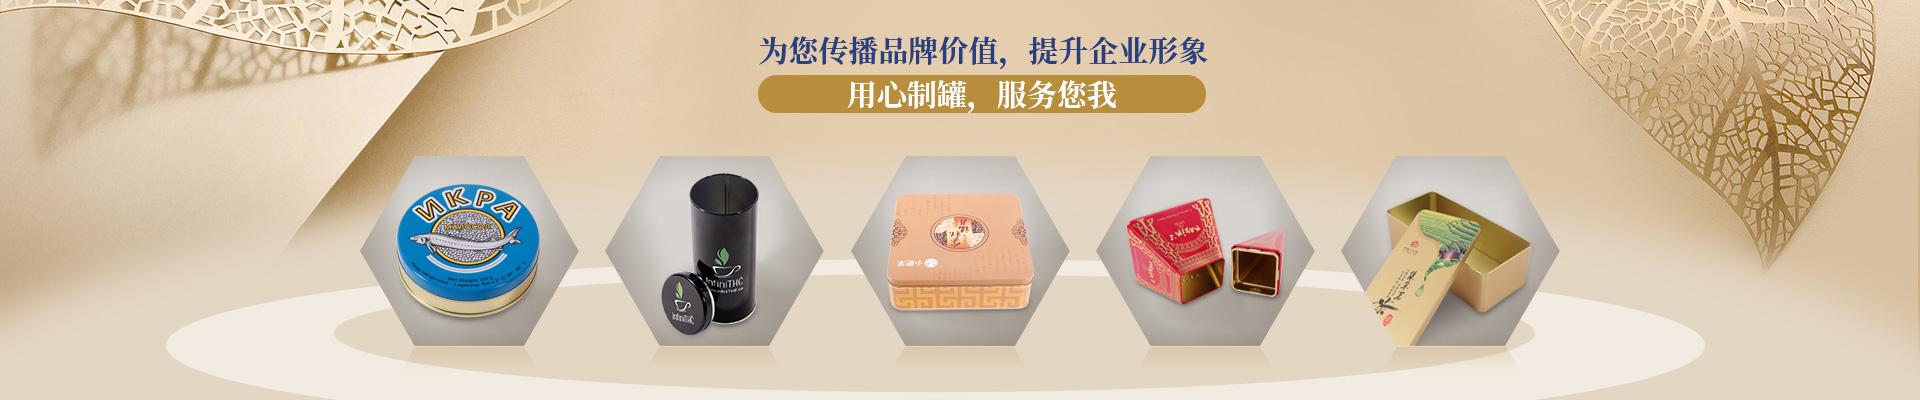 业士铁盒,为您传播品牌价值,提升企业形象